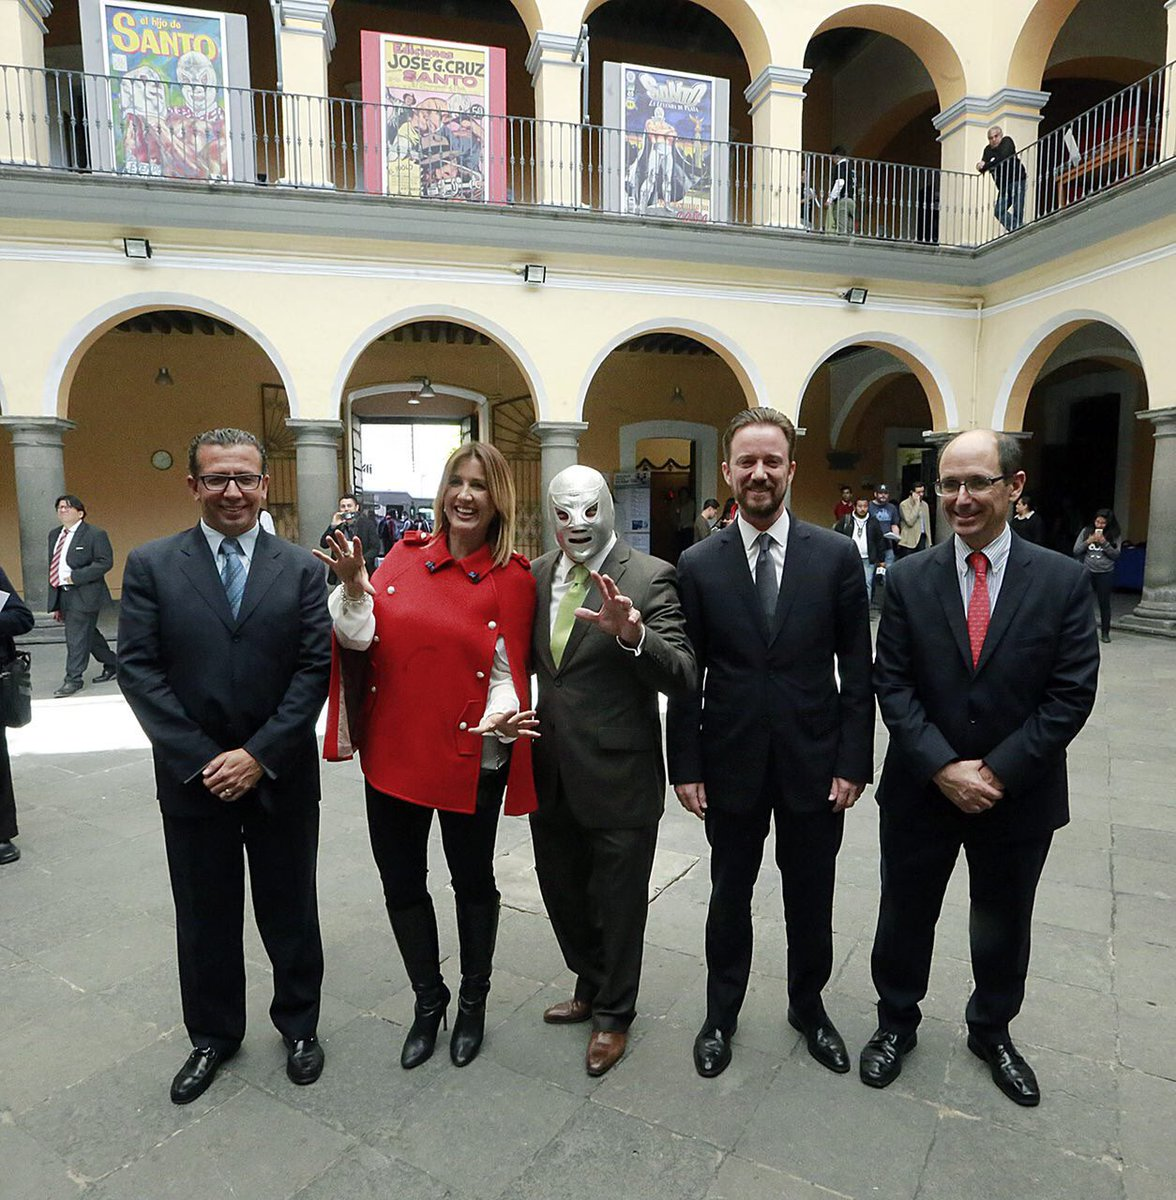 El Santo en Puebla